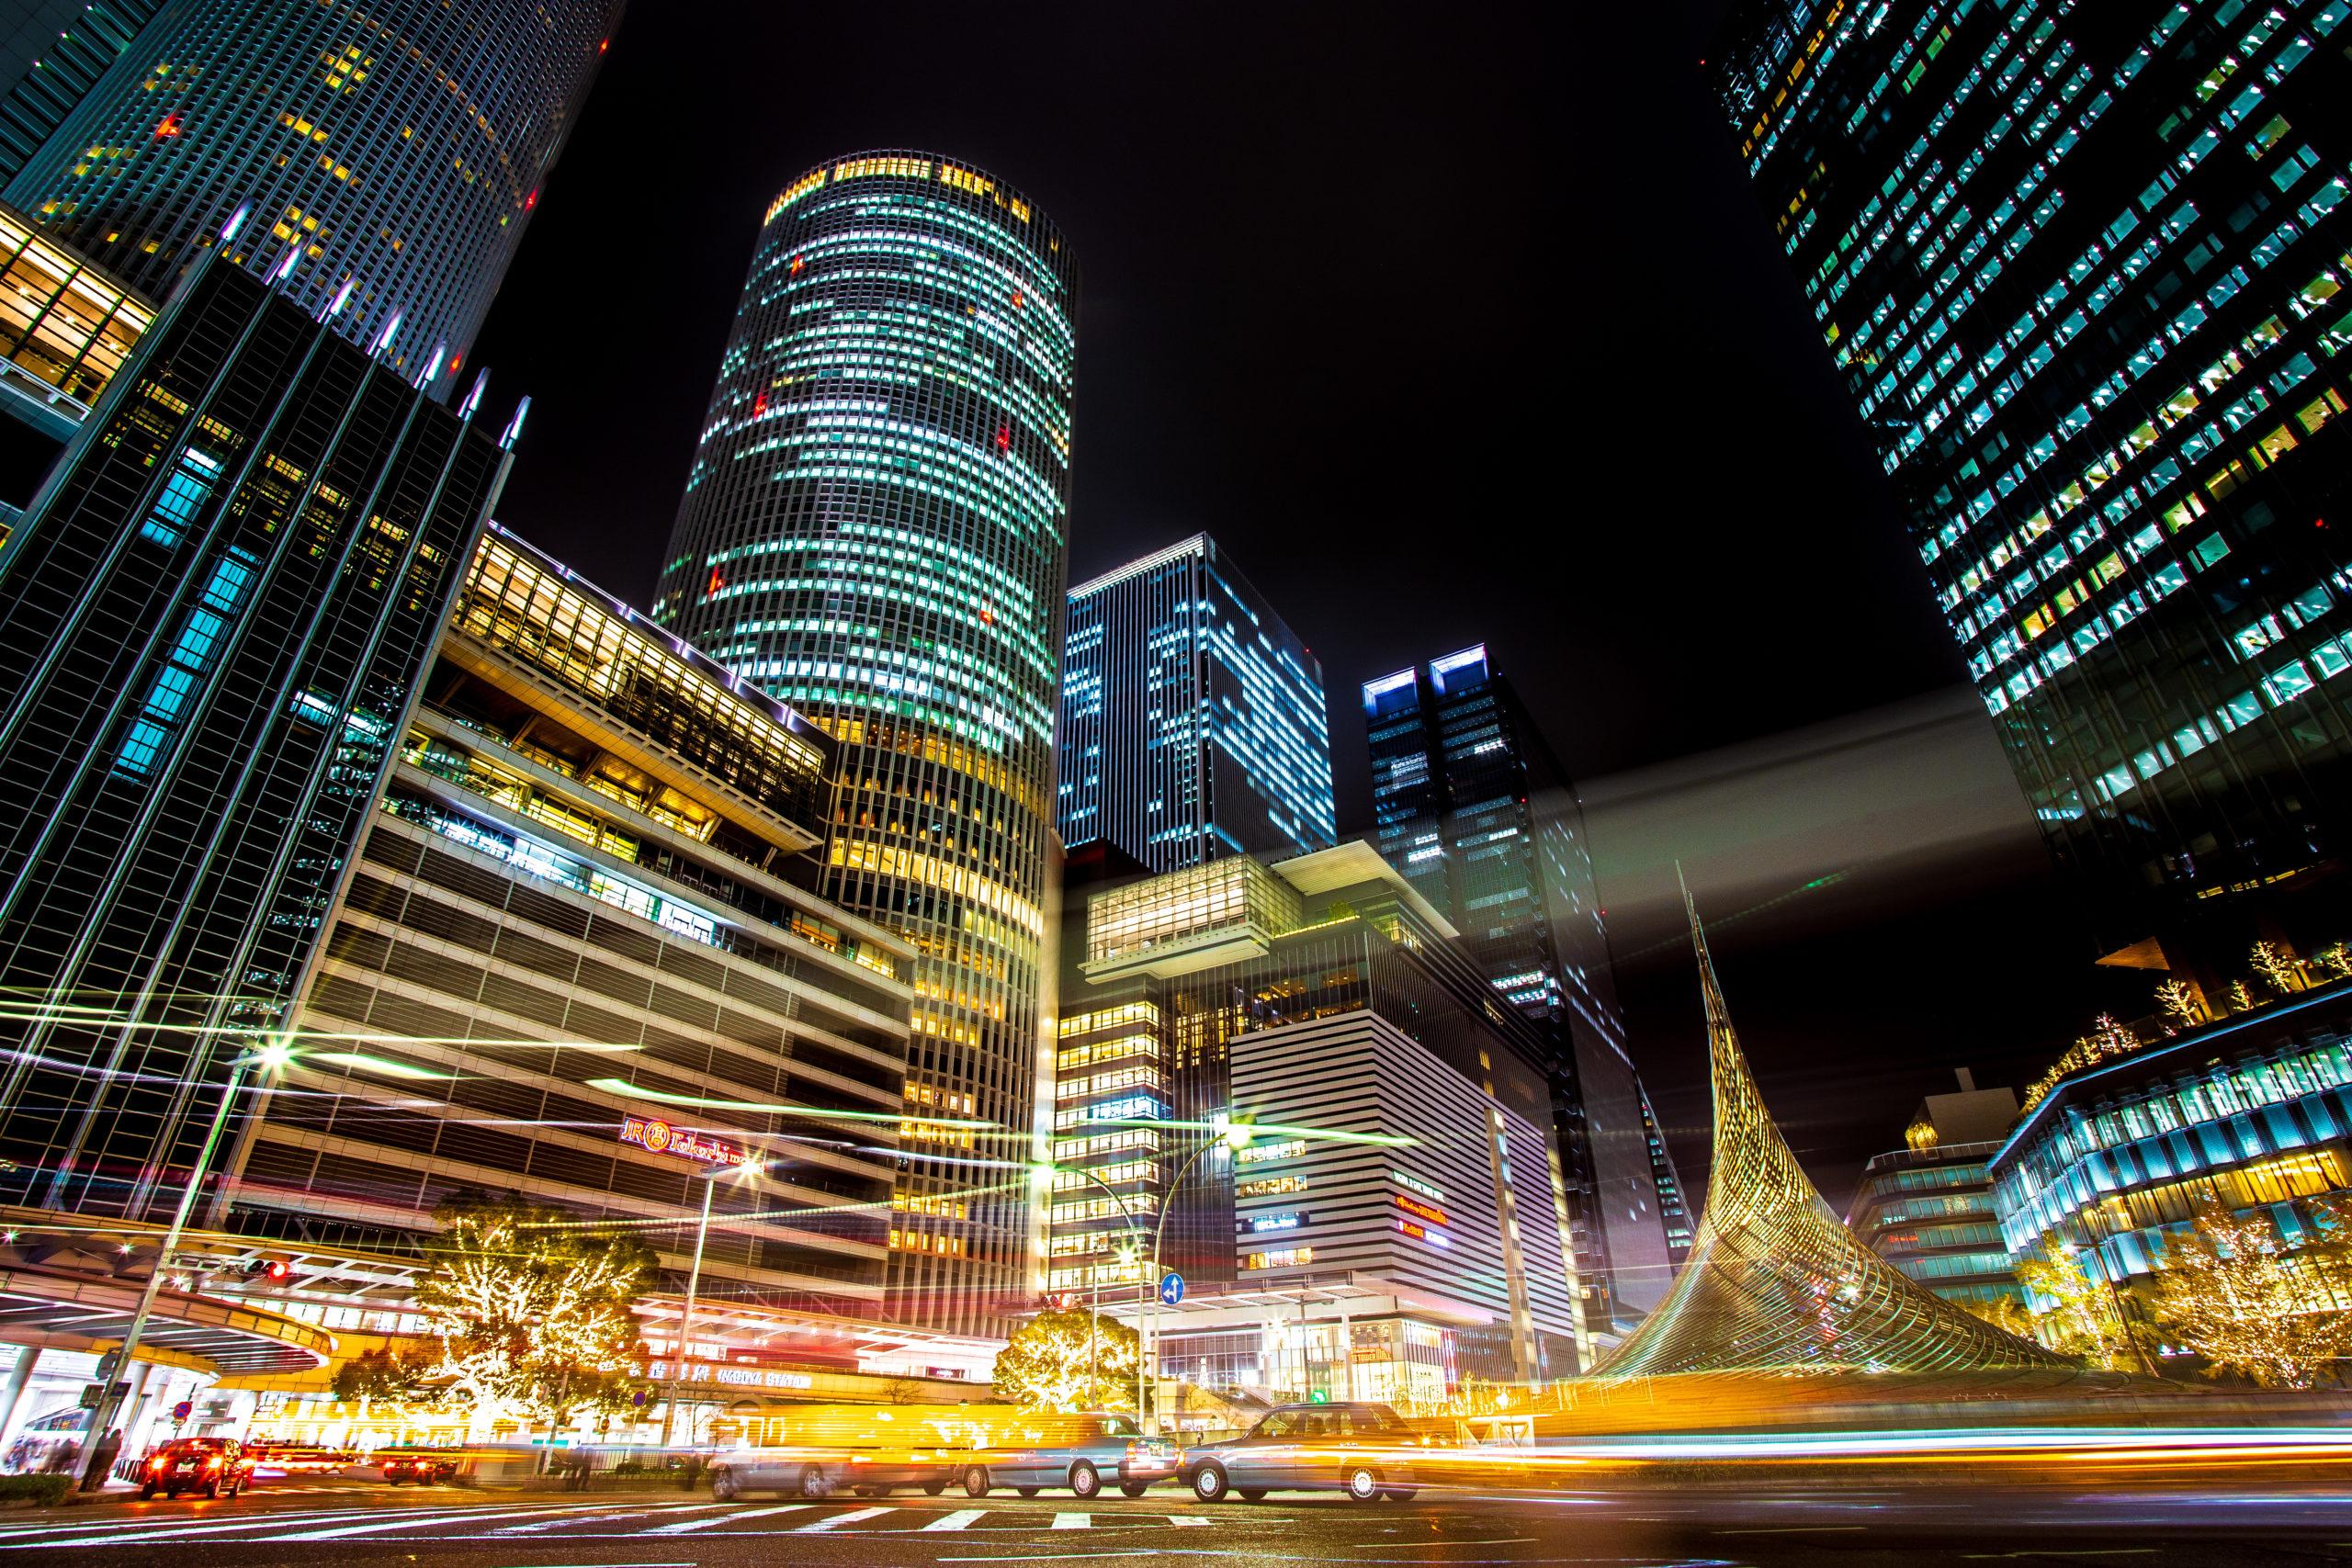 名古屋駅前(愛知県名古屋市)| 夜景撮影の画像